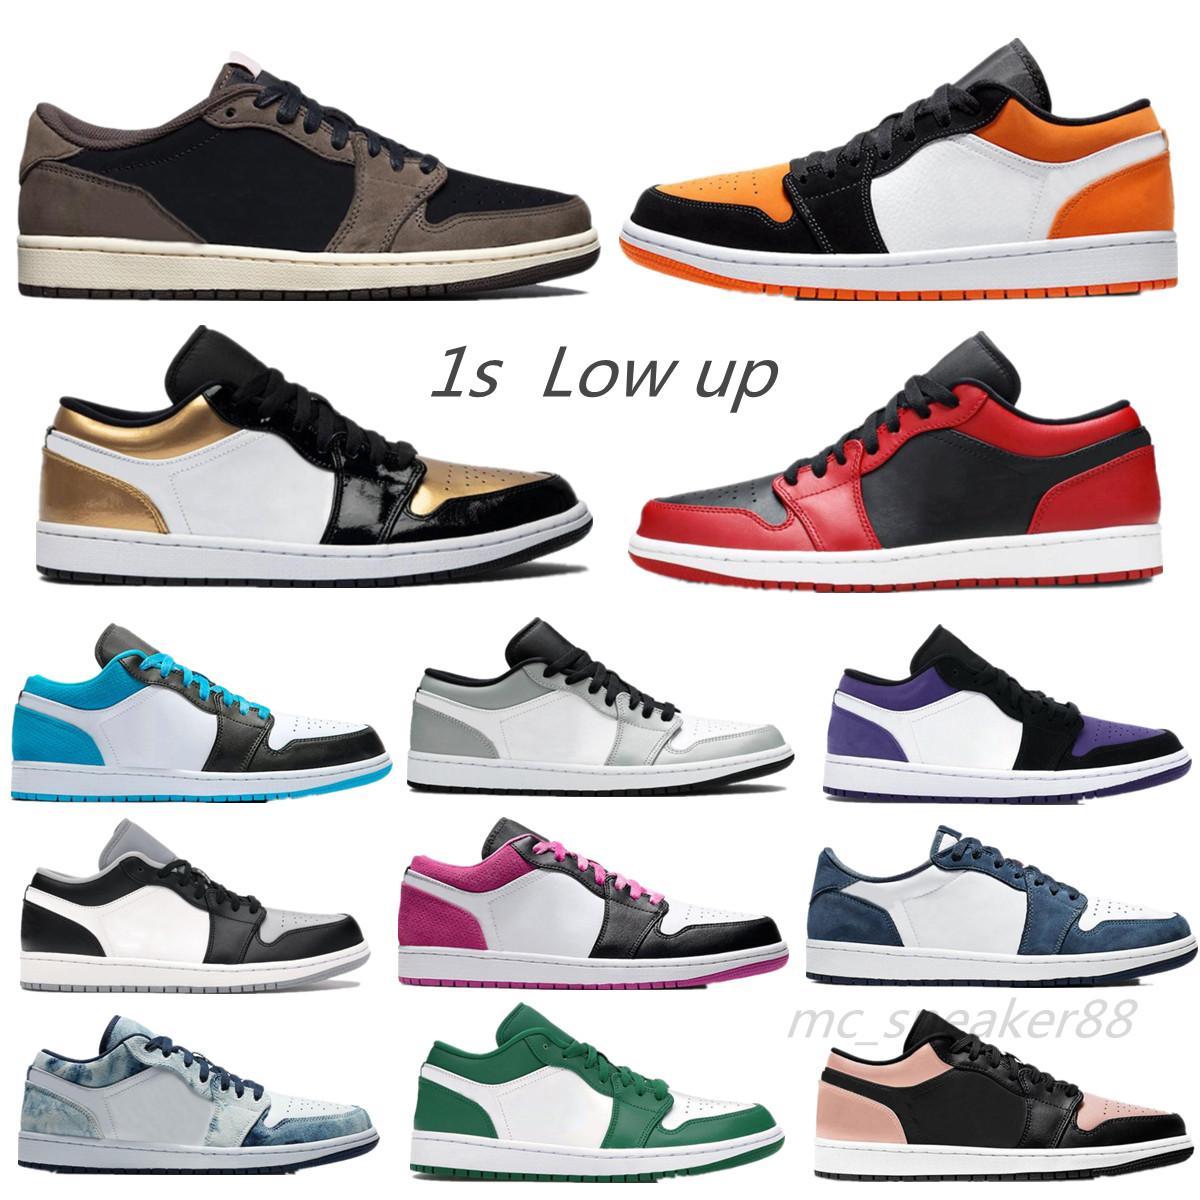 Männer Frauen Jumpman Schuhe 1s Low Runner Shoe Traviss Scottss X Fragment University Blau Gold Waschen Denim Court UNC 1 Trainer Sport Sneakers Größe 36-45